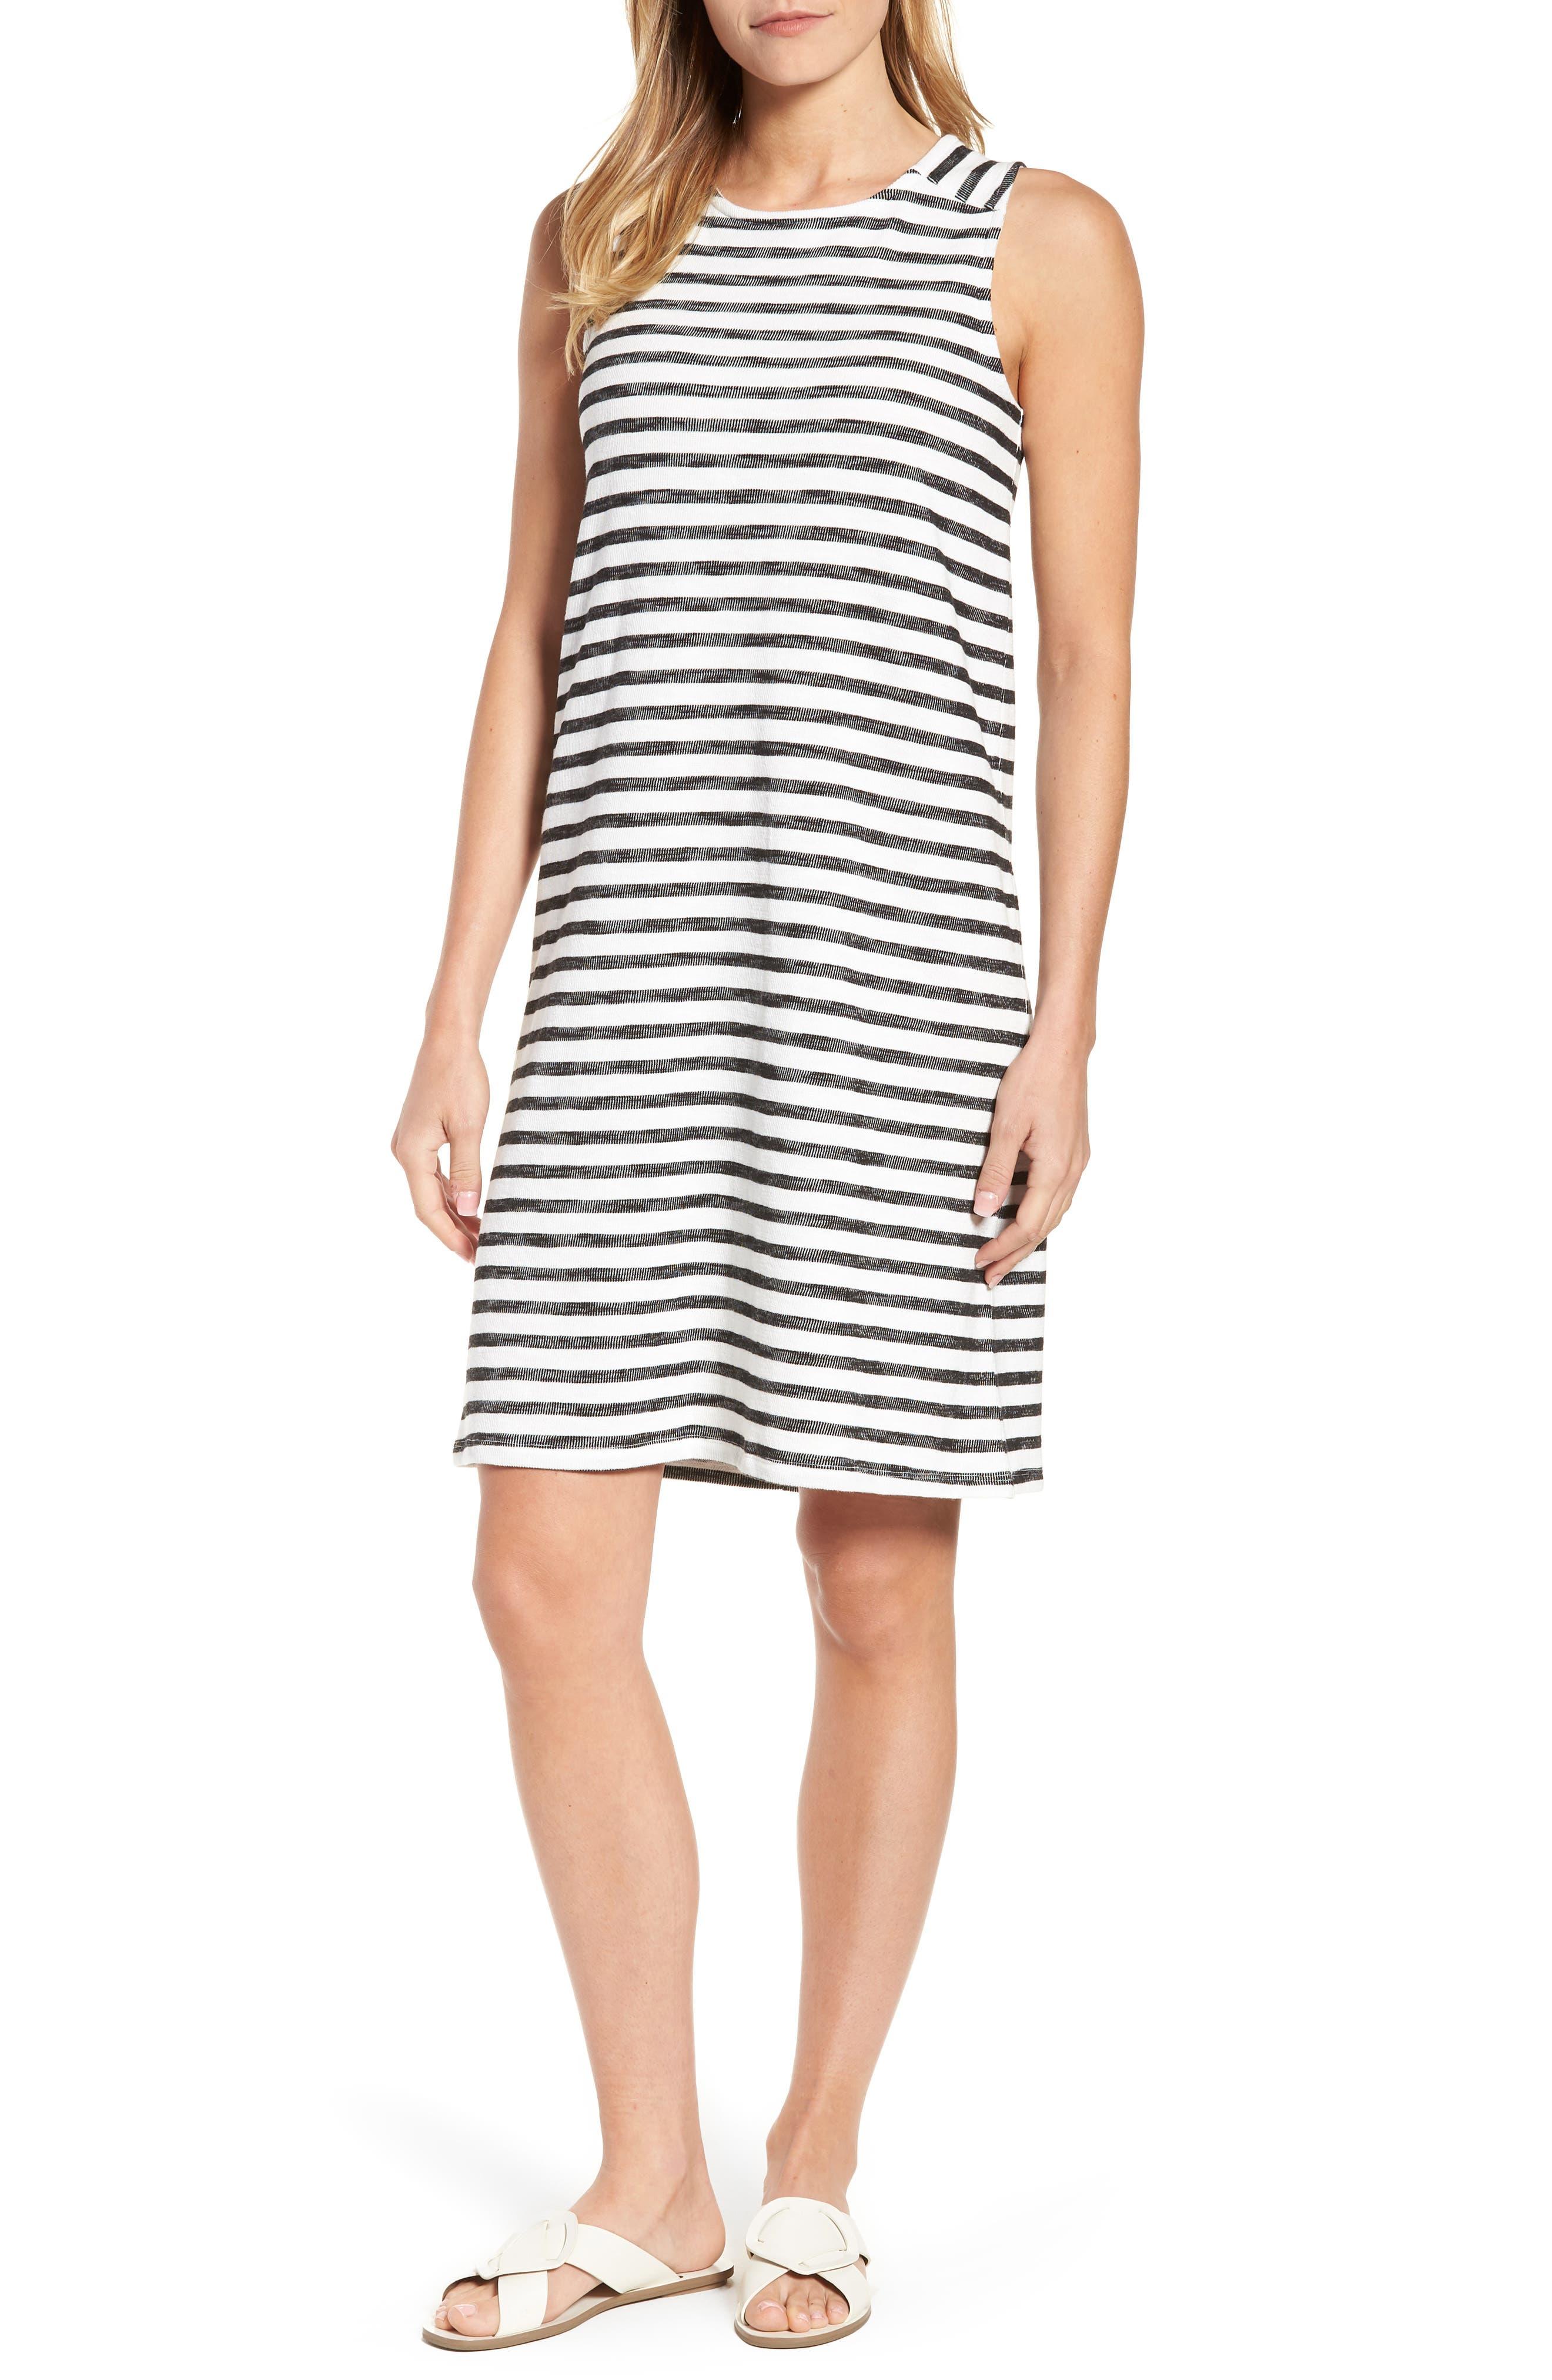 Caslon Knit Tank Dress, Ivory